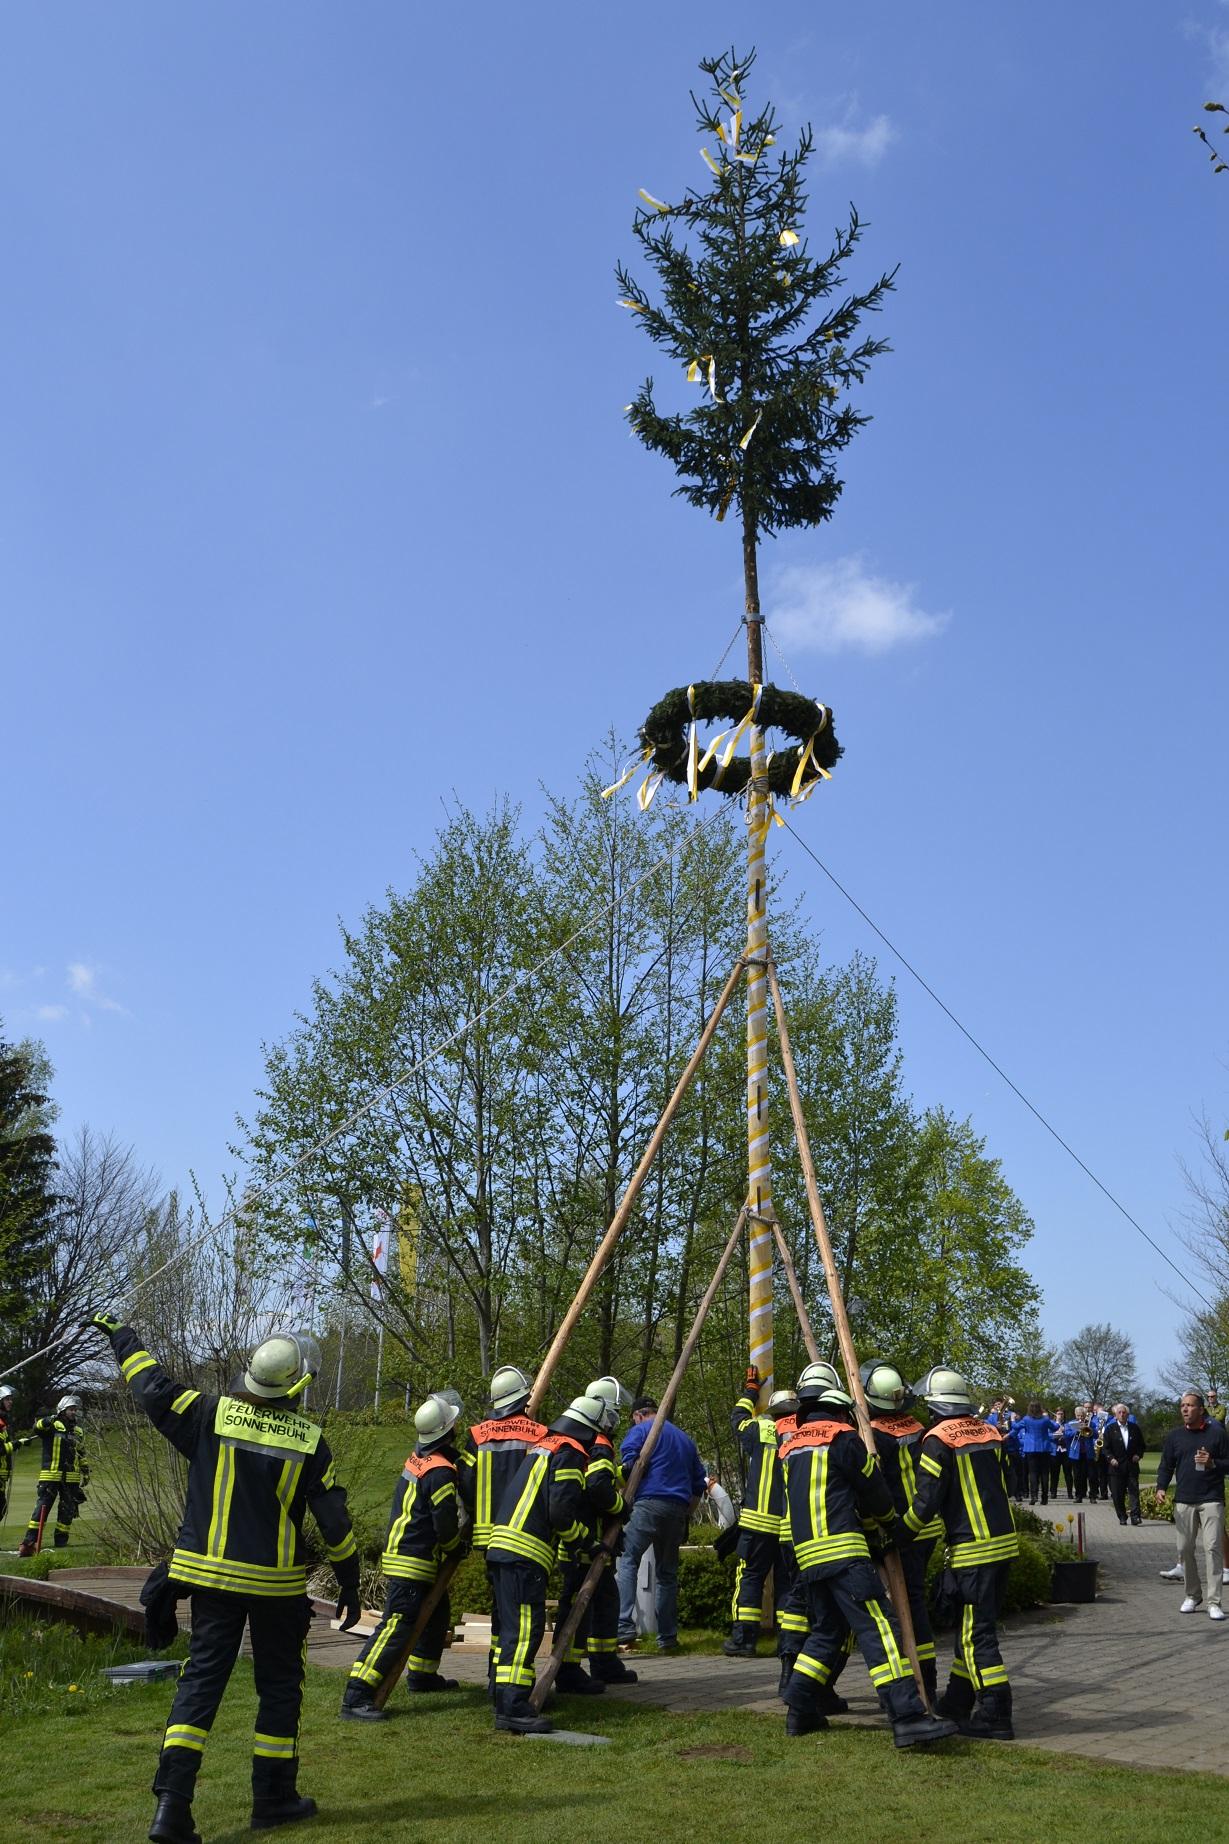 Eine schöne Tradition ist das Maibaum-Stellen im GC Reutlingen-Sonnenbühl. Die elf Männer der Feuerwehr Sonnenbühl in Aktion - © Golfclub Reutlingen-Sonnenbühl e.V.